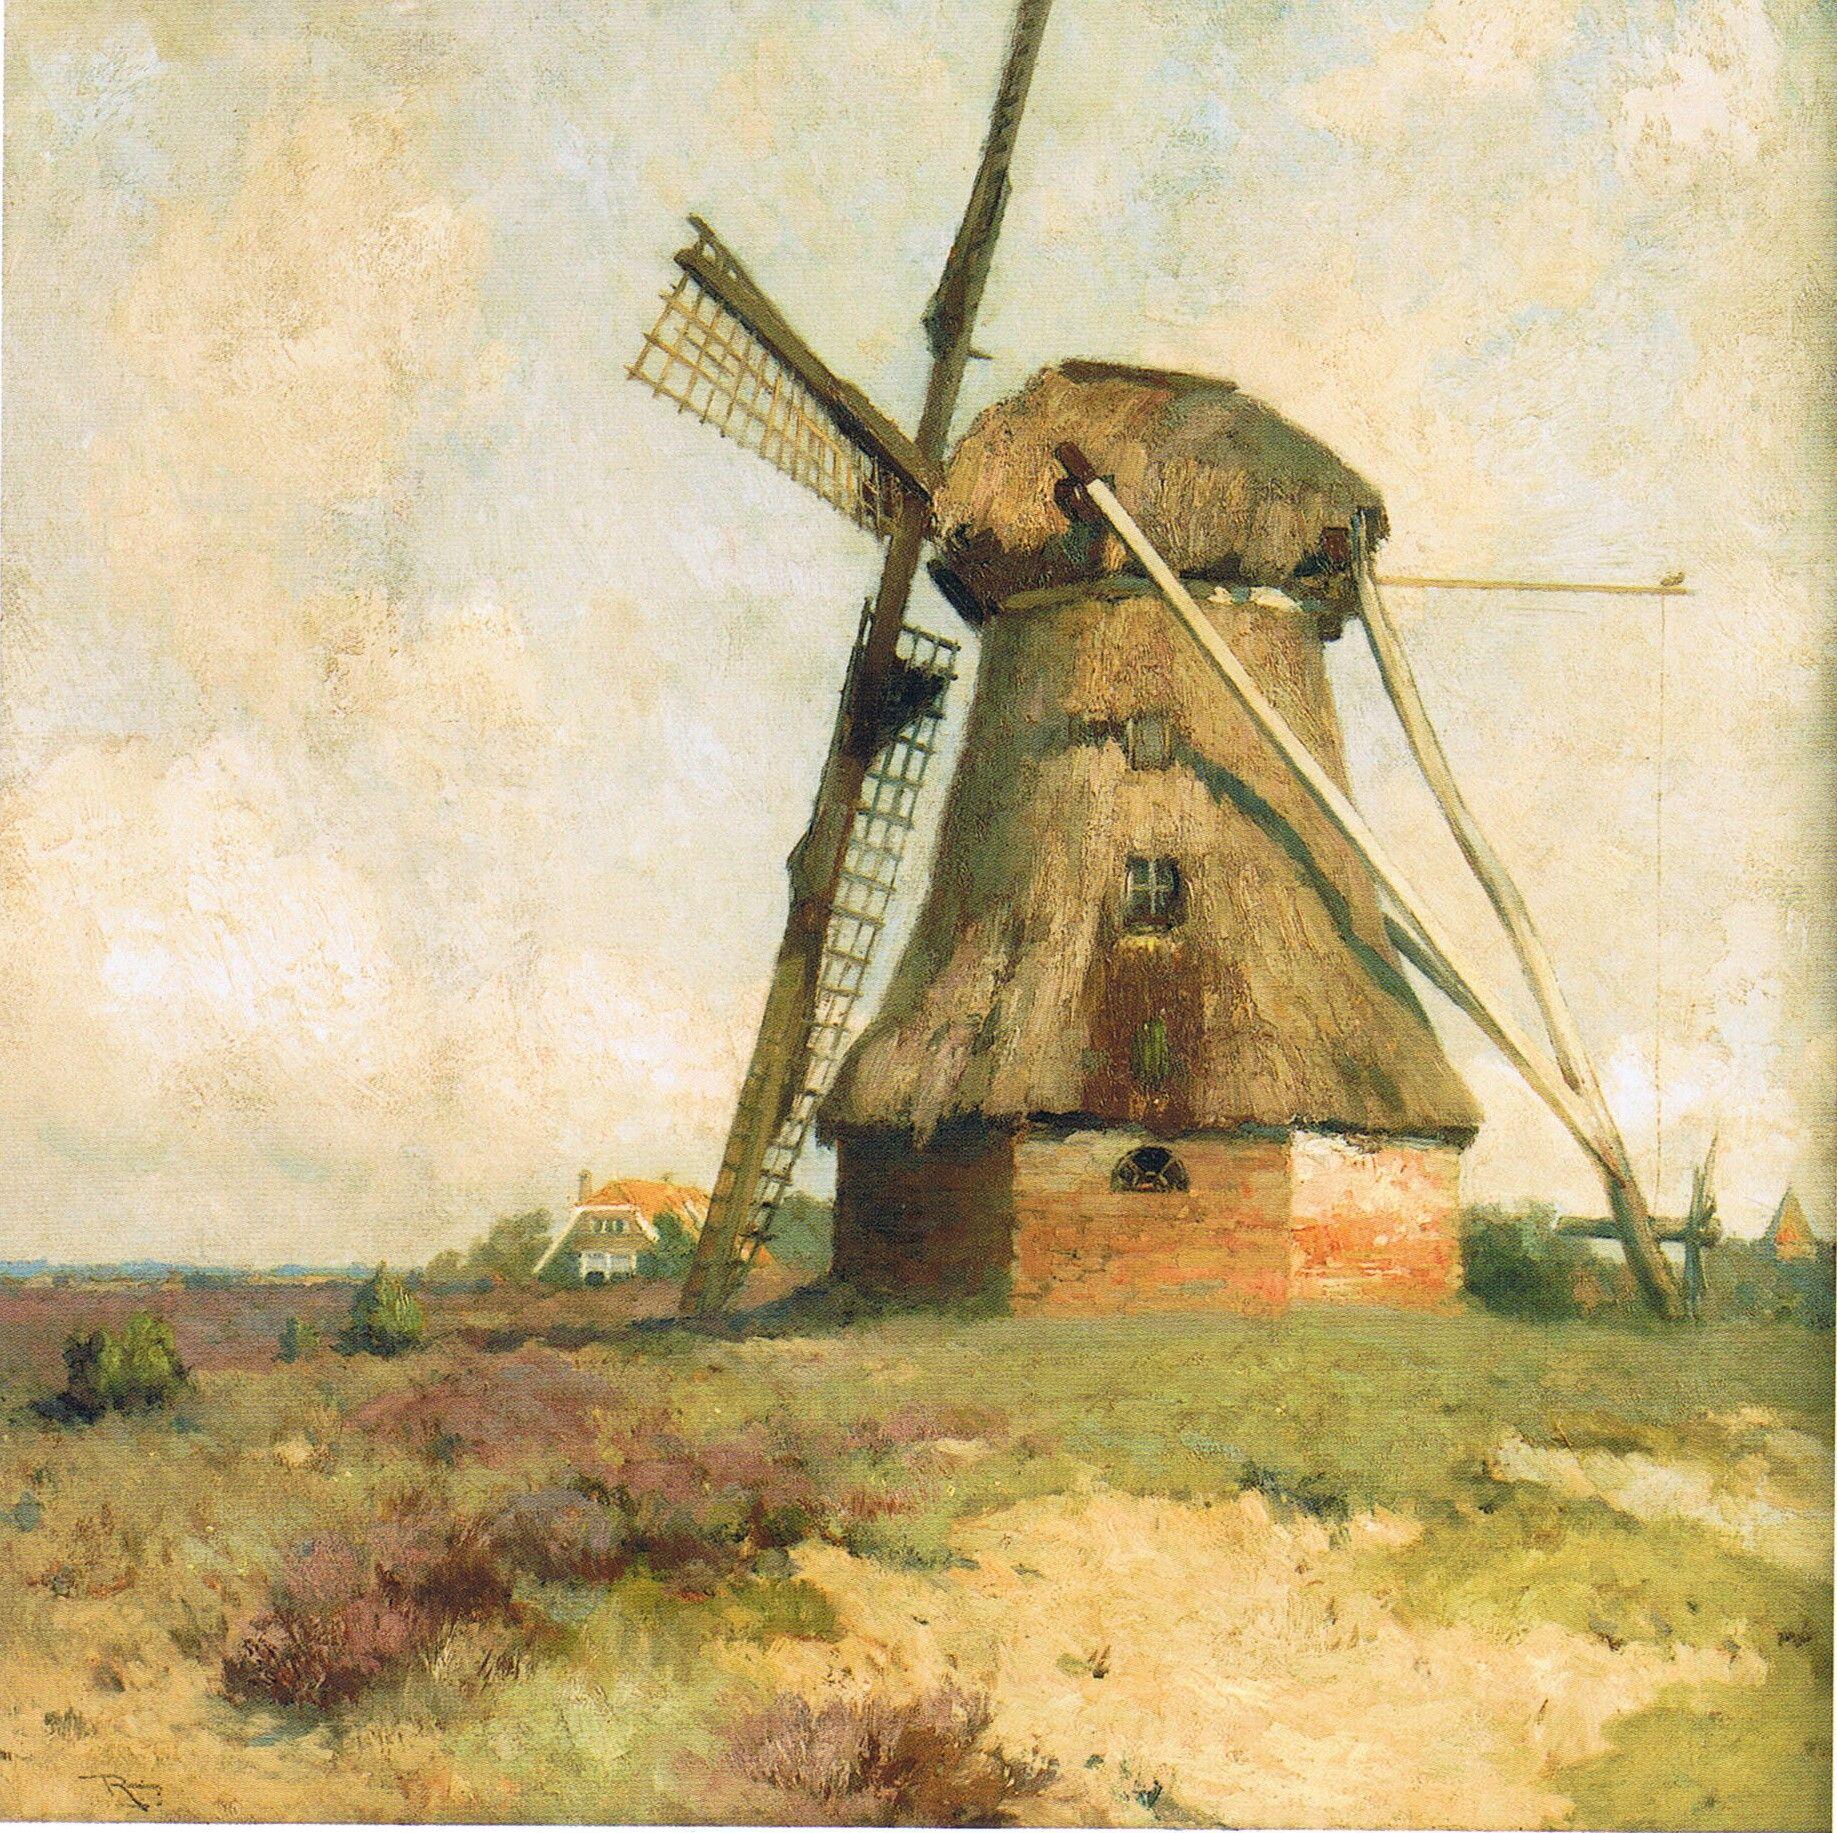 Afbeeldingsresultaat voor roessingh schilder molen